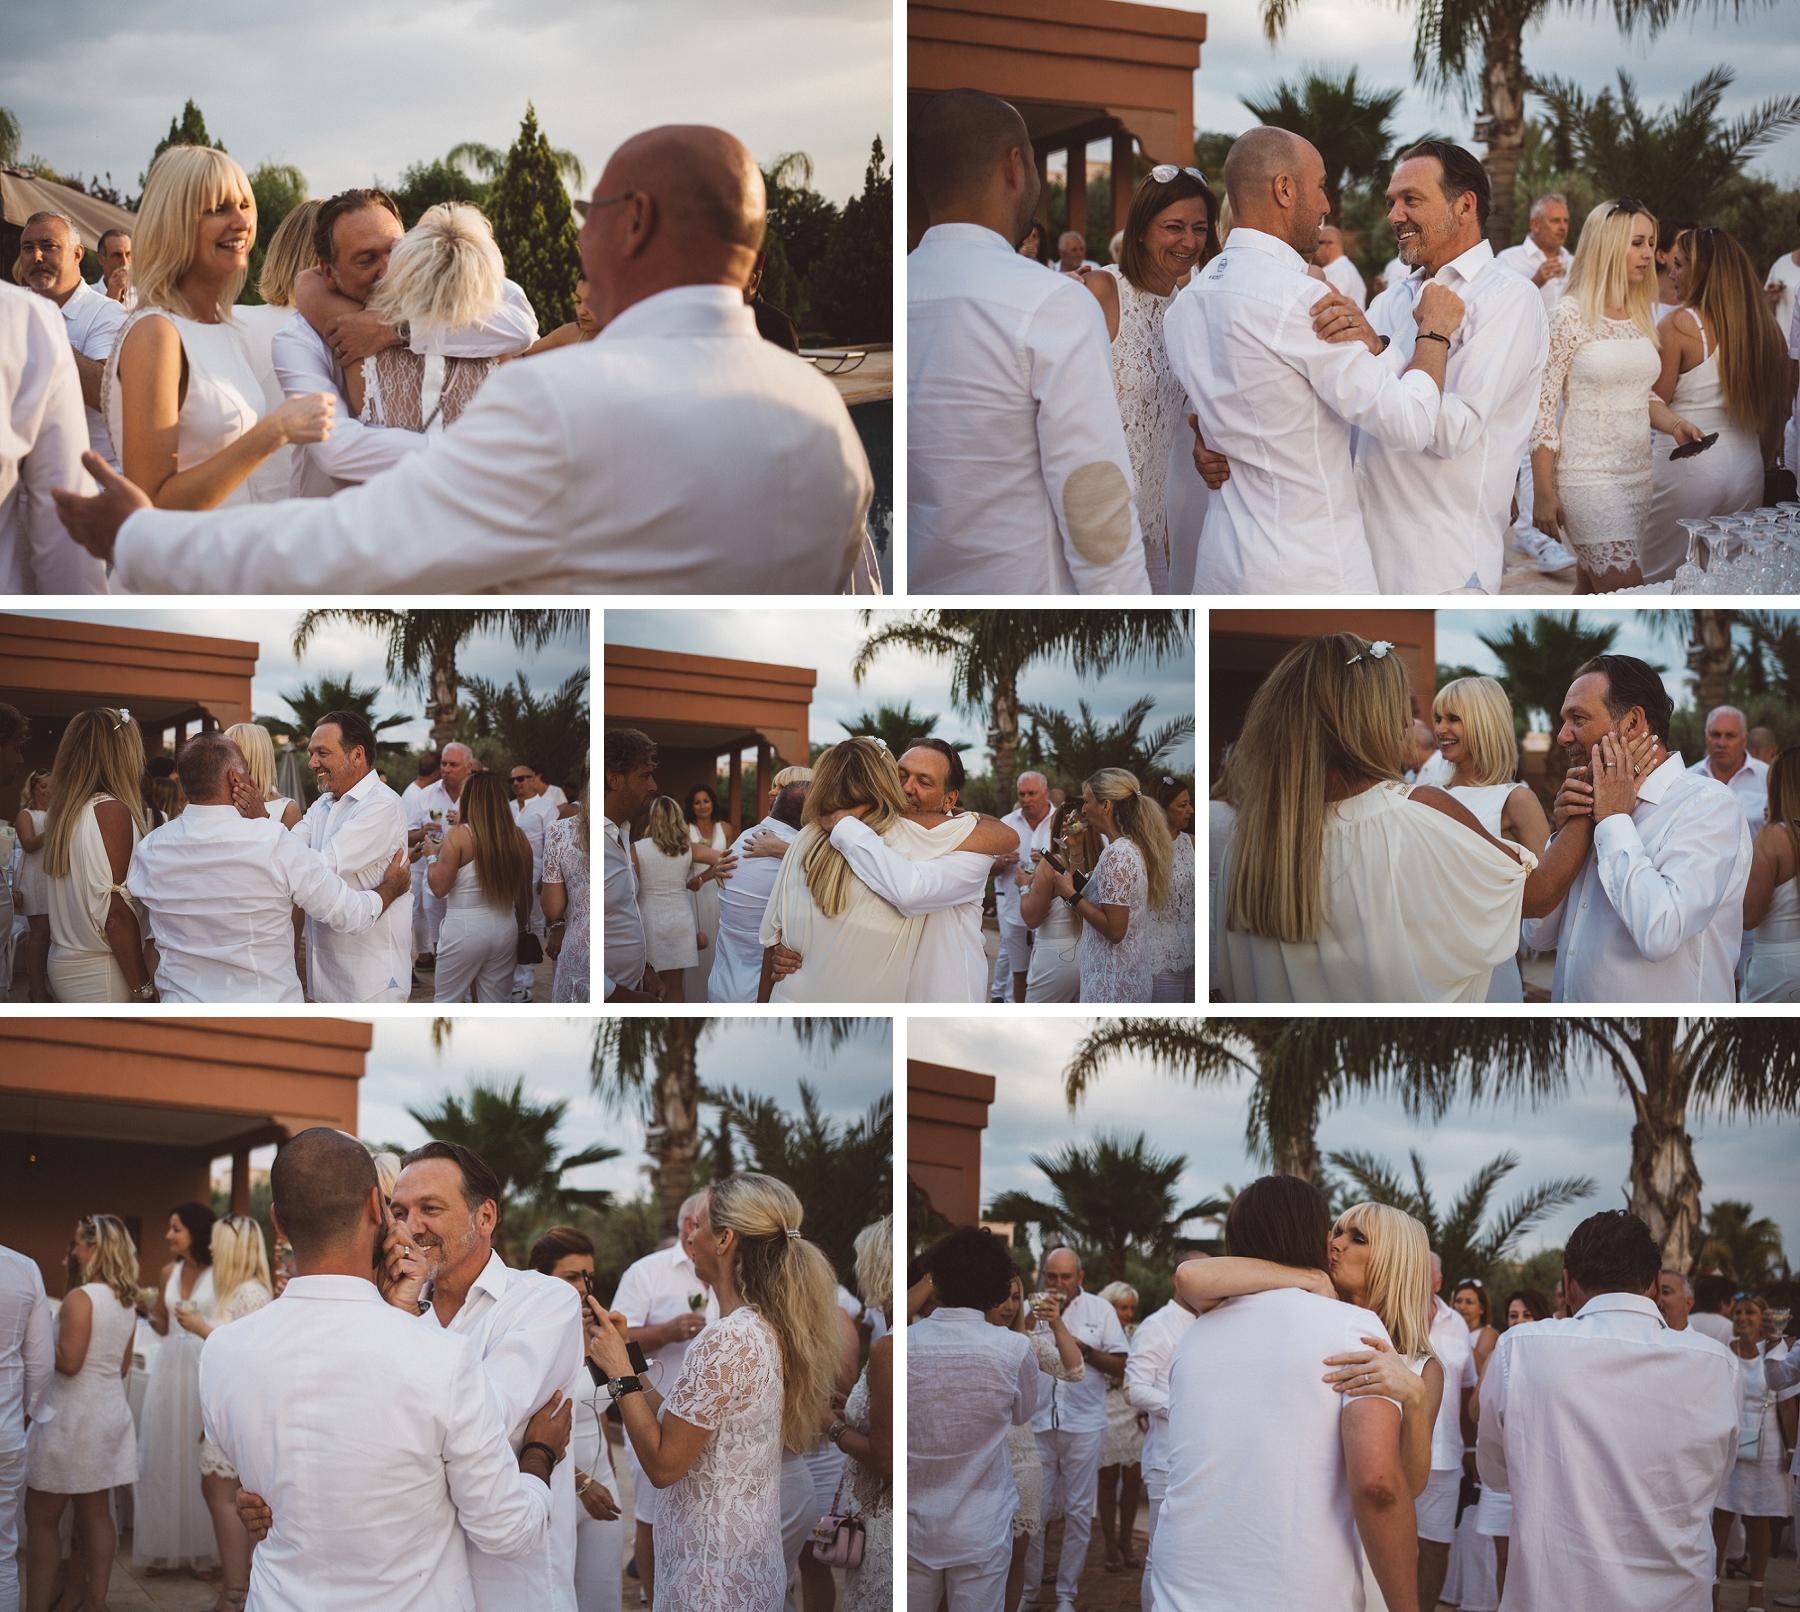 mariage-riad-marrakech-33.jpg